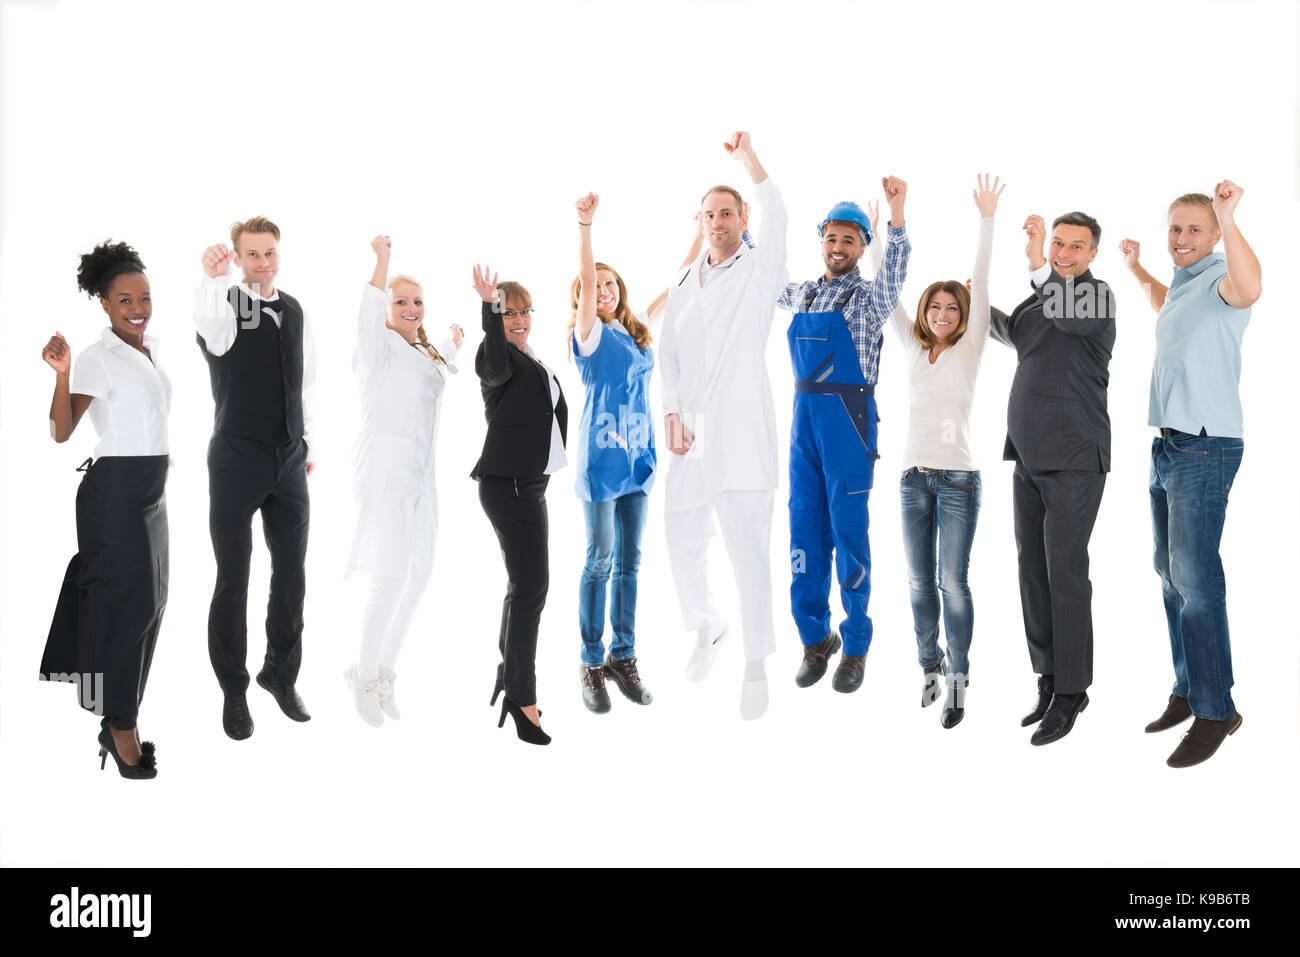 A piena lunghezza ritratto di persone con diverse occupazioni tifo contro uno sfondo bianco Immagini Stock